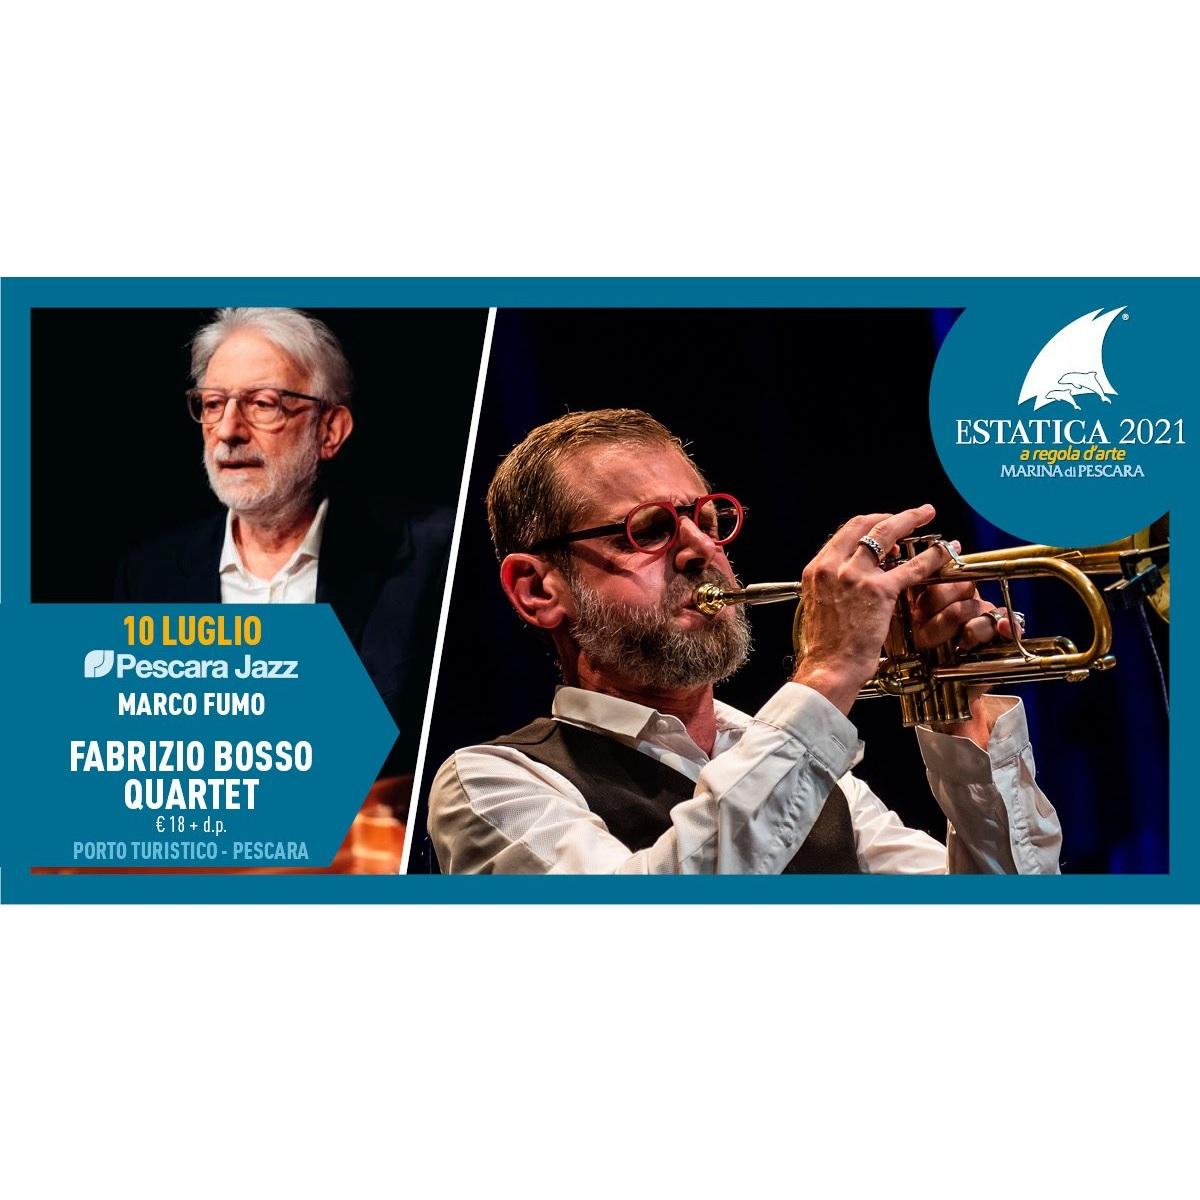 Marco Fumo e Fabrizio Bosso Quartet 10 luglio 2021 foto